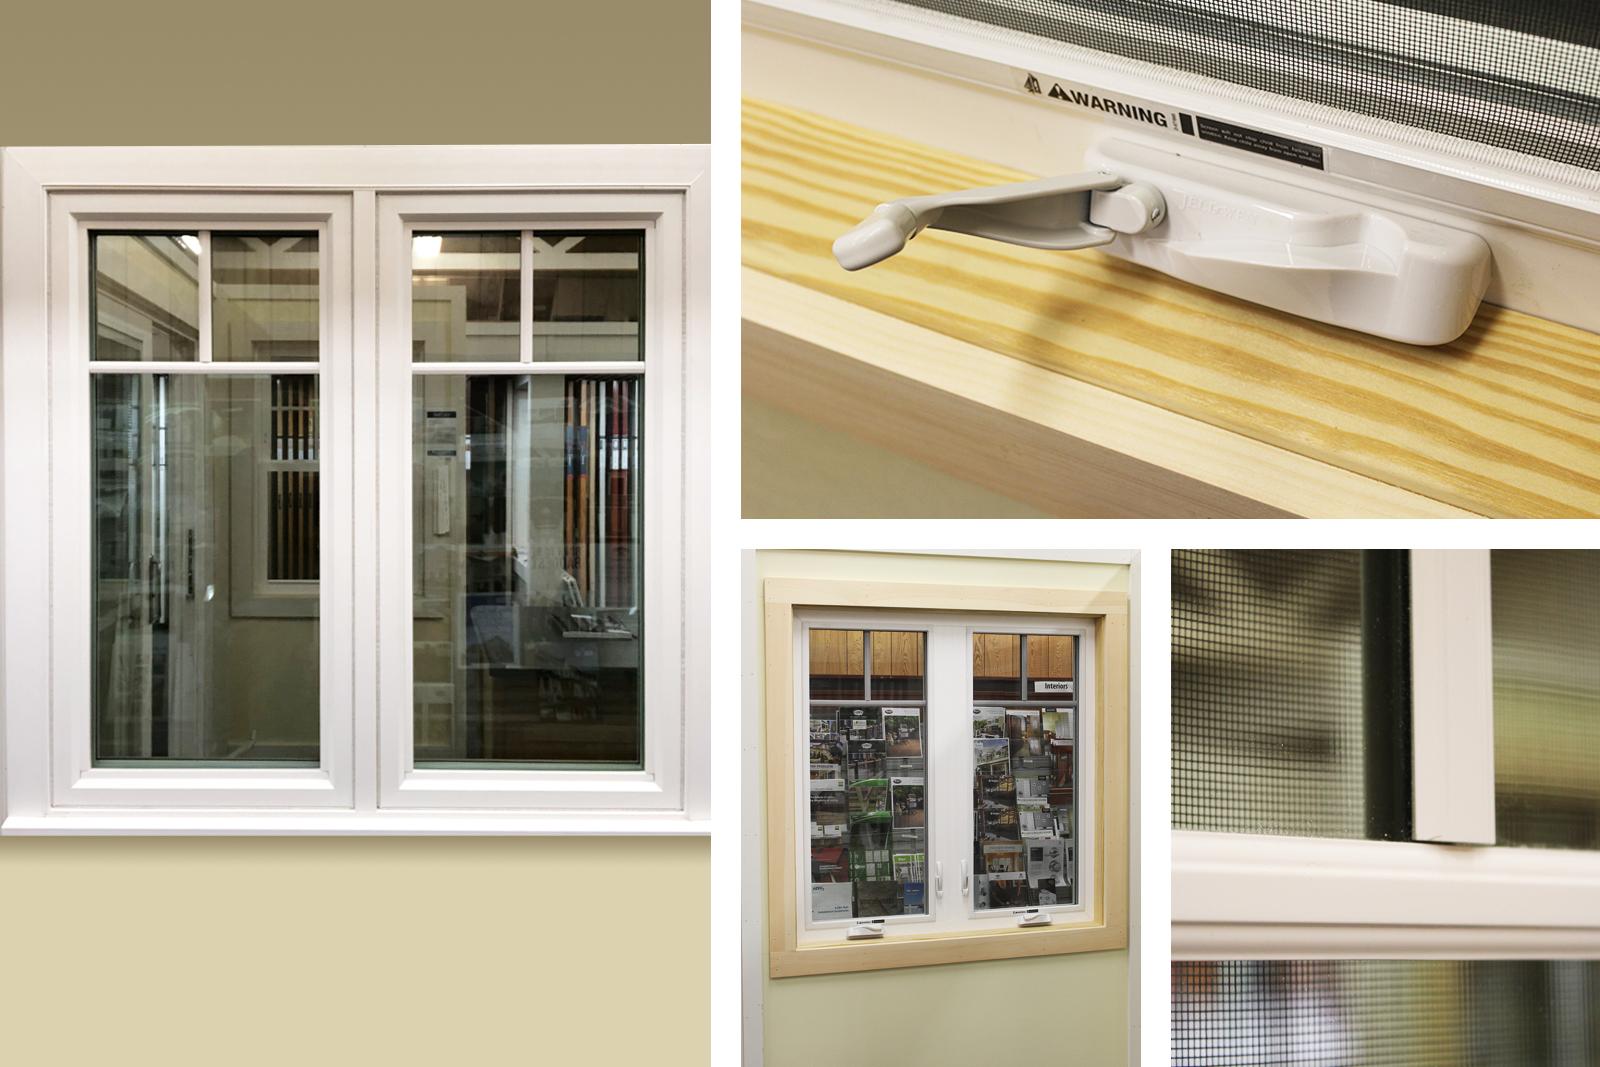 Jeldwen Premium Vinyl Casement Window, White, SDL Permanent Grilles